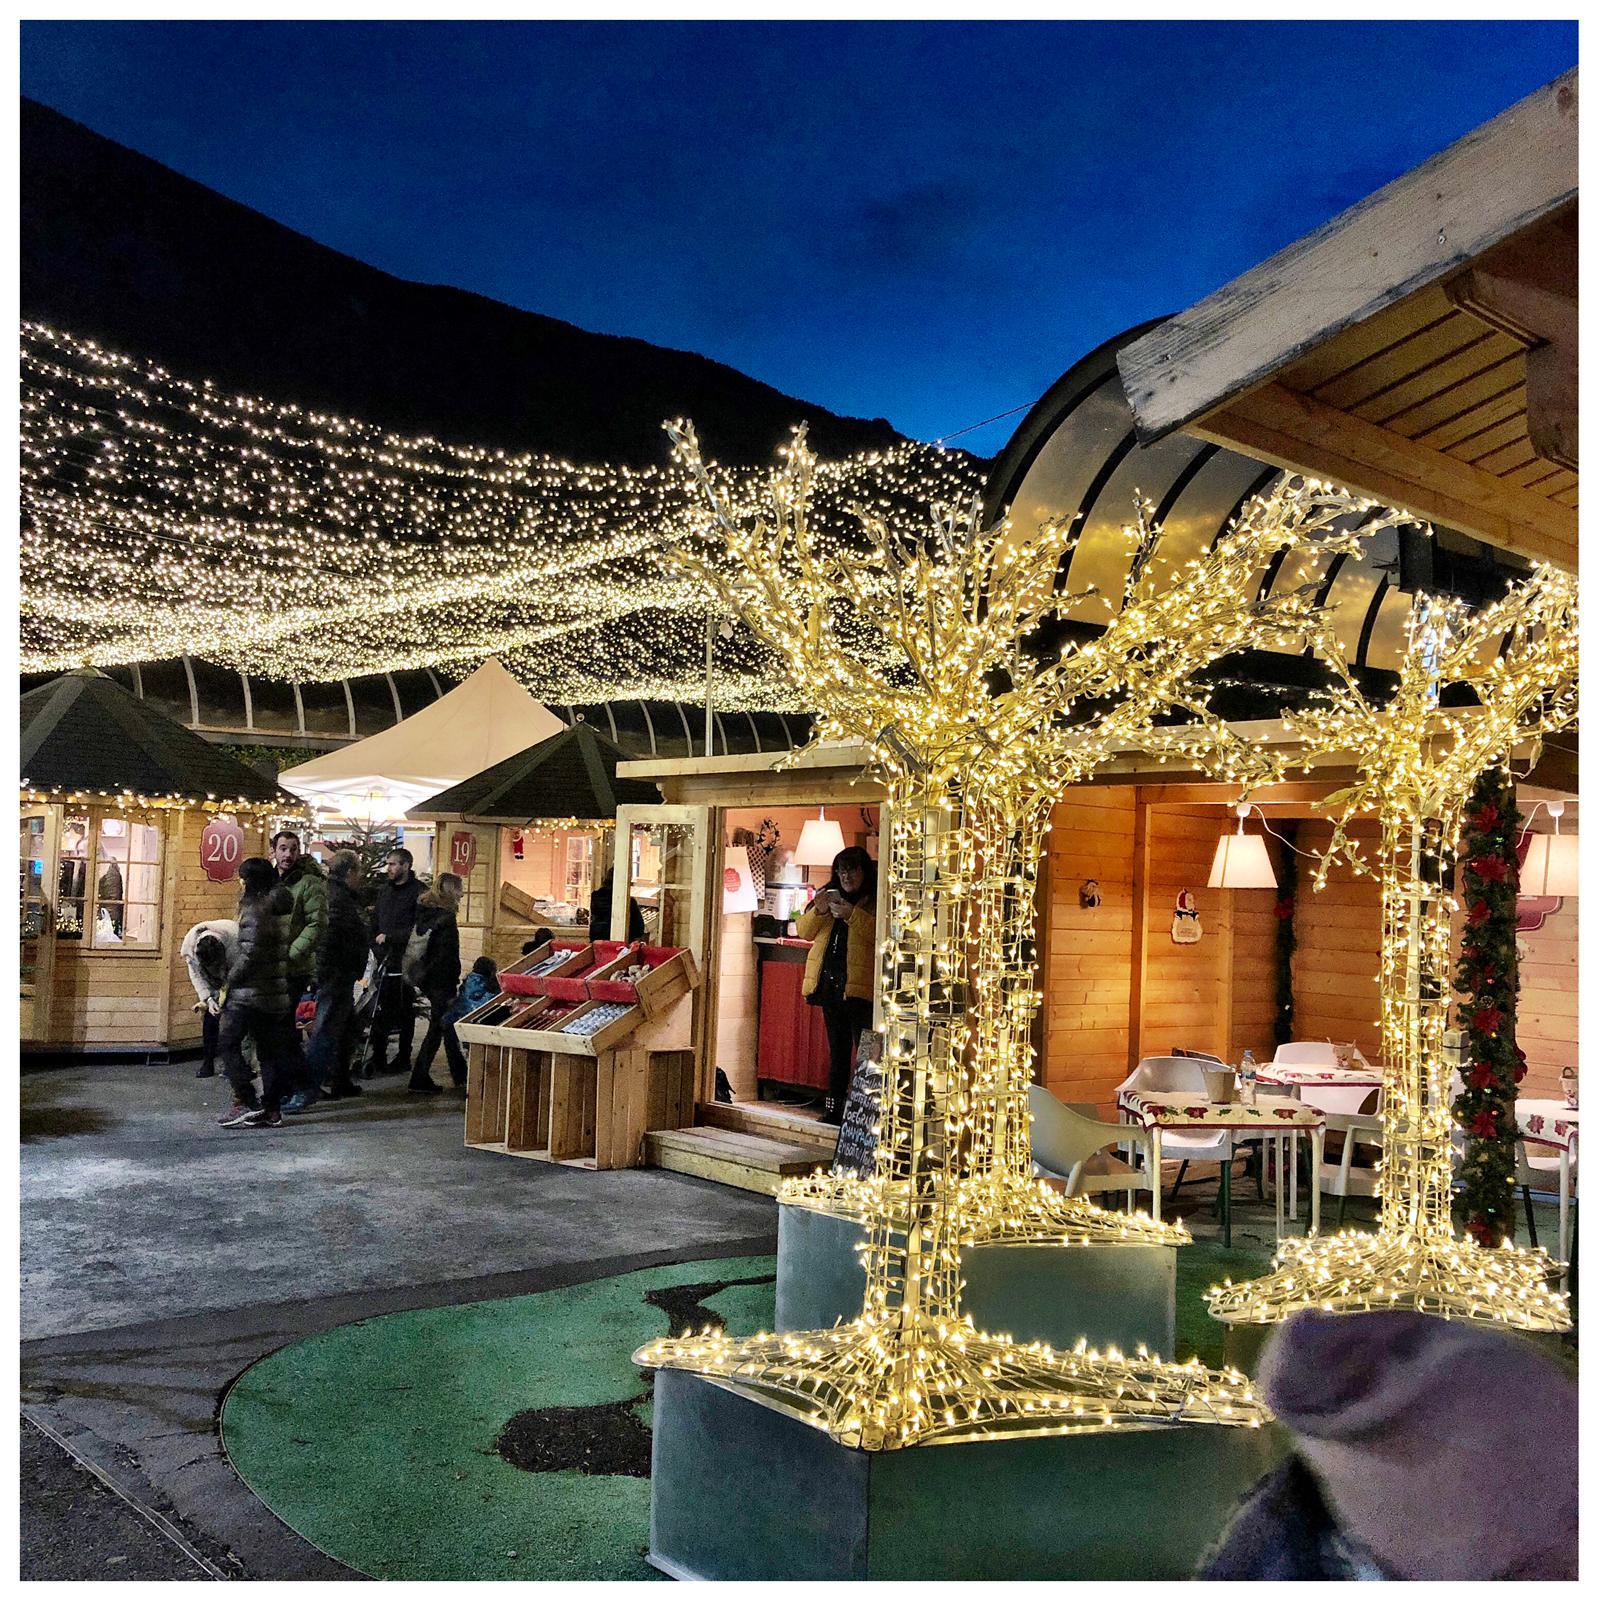 Andorre-la-Vieille a donné le coup d'envoi le 1er décembre ; l'ouverture du marché de Noël, Plaça del Poble, a été précédée d'un spectacle sons et lumières qui sera représenté tous les soirs à 18 h et à 19 h 30 à la place de la Rotonde jusqu'à la fin du mois. Puis c'est le chœur d'enfants des «Petits Cantors d'Andorra» qui a interprété quelques chants de Noël avant le feu d'artifice qui a illuminé et fait résonner et trembler la vallée pendant plus d'un quart d'heure. De nombreuses activités sont destinées aux enfants comme la patinoire et le toboggan synthétiques. Le programme complet se trouve en français sur https ://www.andorralavella.ad/noel/inici-noel. Après l'arrivée du Père Noël le 24 décembre à 18 h, les festivités se termineront par la grande cavalcade des Rois Mages entre Escaldes et Andorre la Vieille le 5 janvier à partir de 18 h 30. Bien sûr, les autres communes ne sont pas en reste et elles proposent toutes de quoi satisfaire les nombreux touristes qui vont déferler sur la Principauté pendant les fêtes et cela commence cette fin de semaine avec l'arrivée attendue de nombreux Espagnols qui fêteront la Purissima dès jeudi.